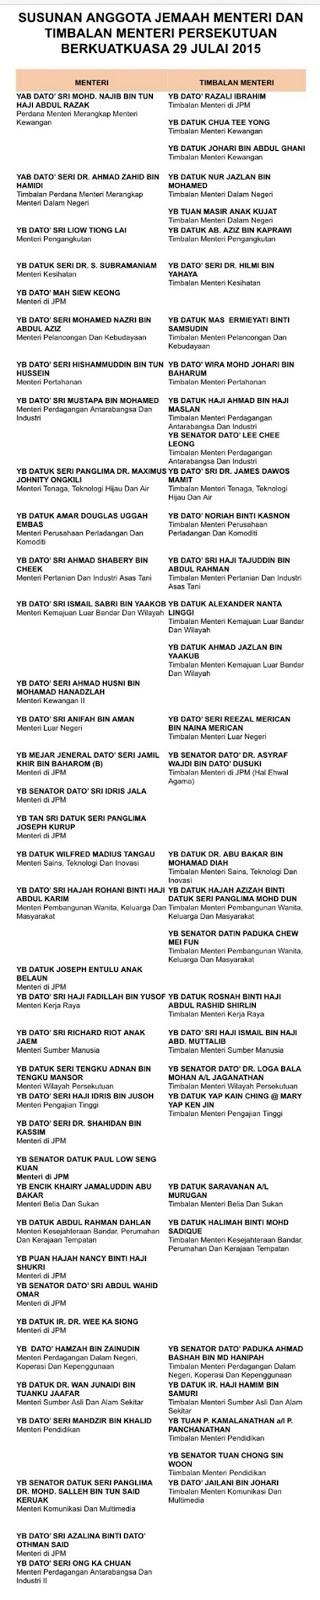 Senarai Lengkap Senarai Kabinet Baru Julai 2015